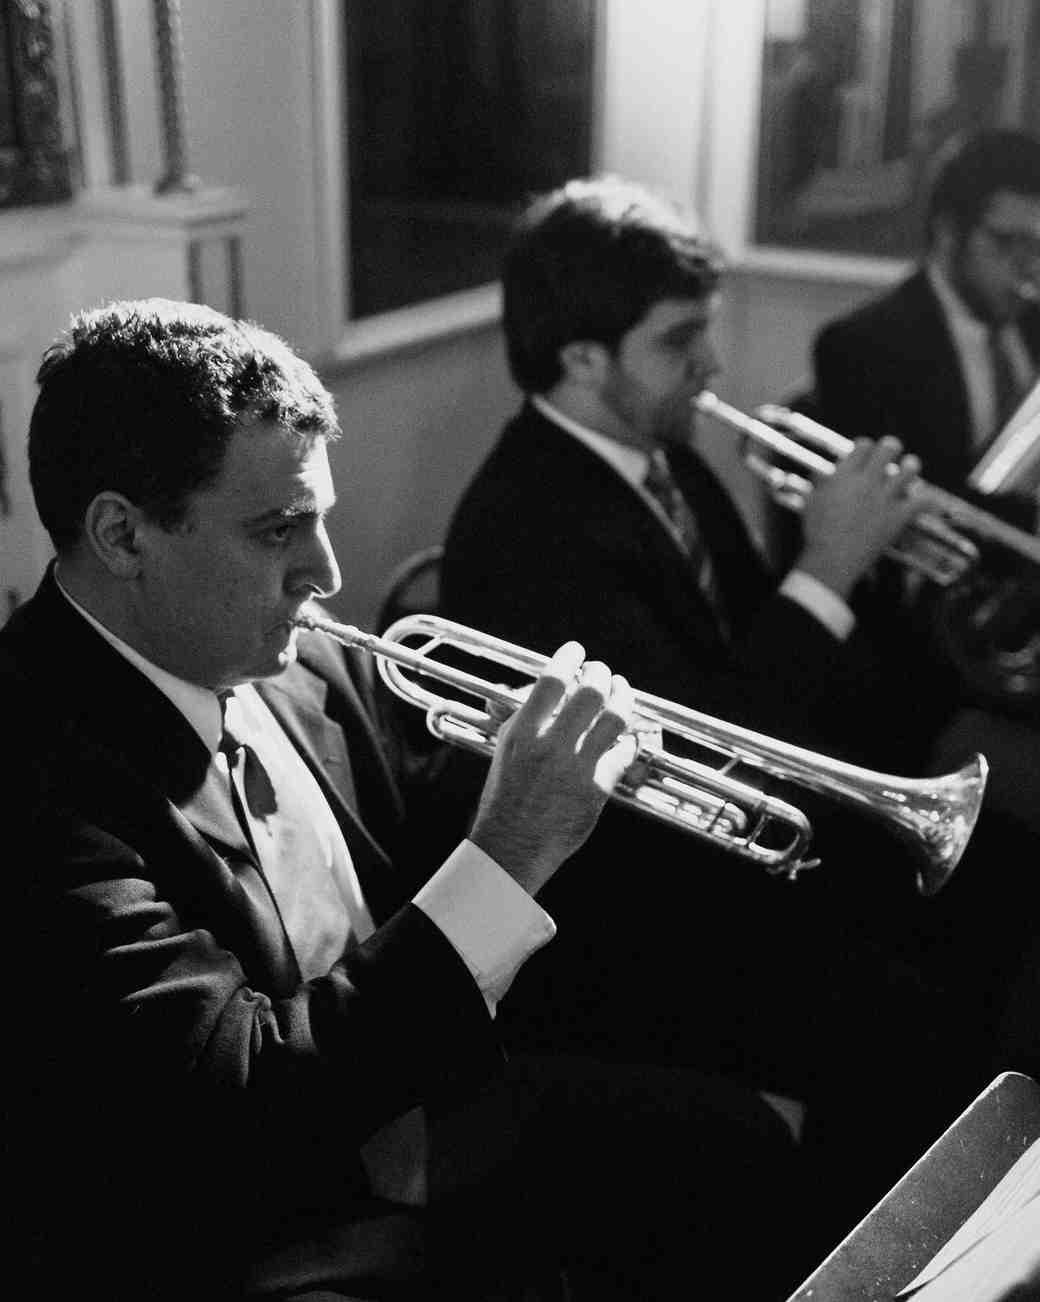 rosie-constantine-wedding-trumpet-095-s112177-1015.jpg